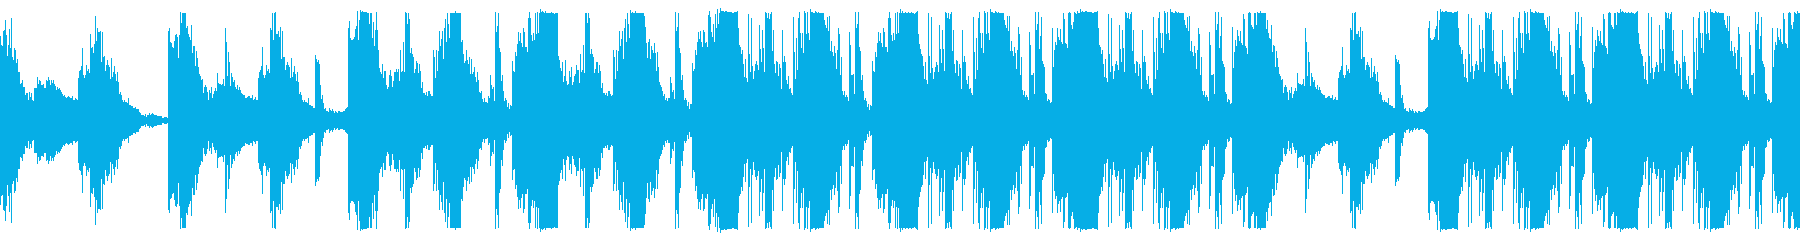 ディレイ感のある壮大なオーケストラリズムの再生済みの波形